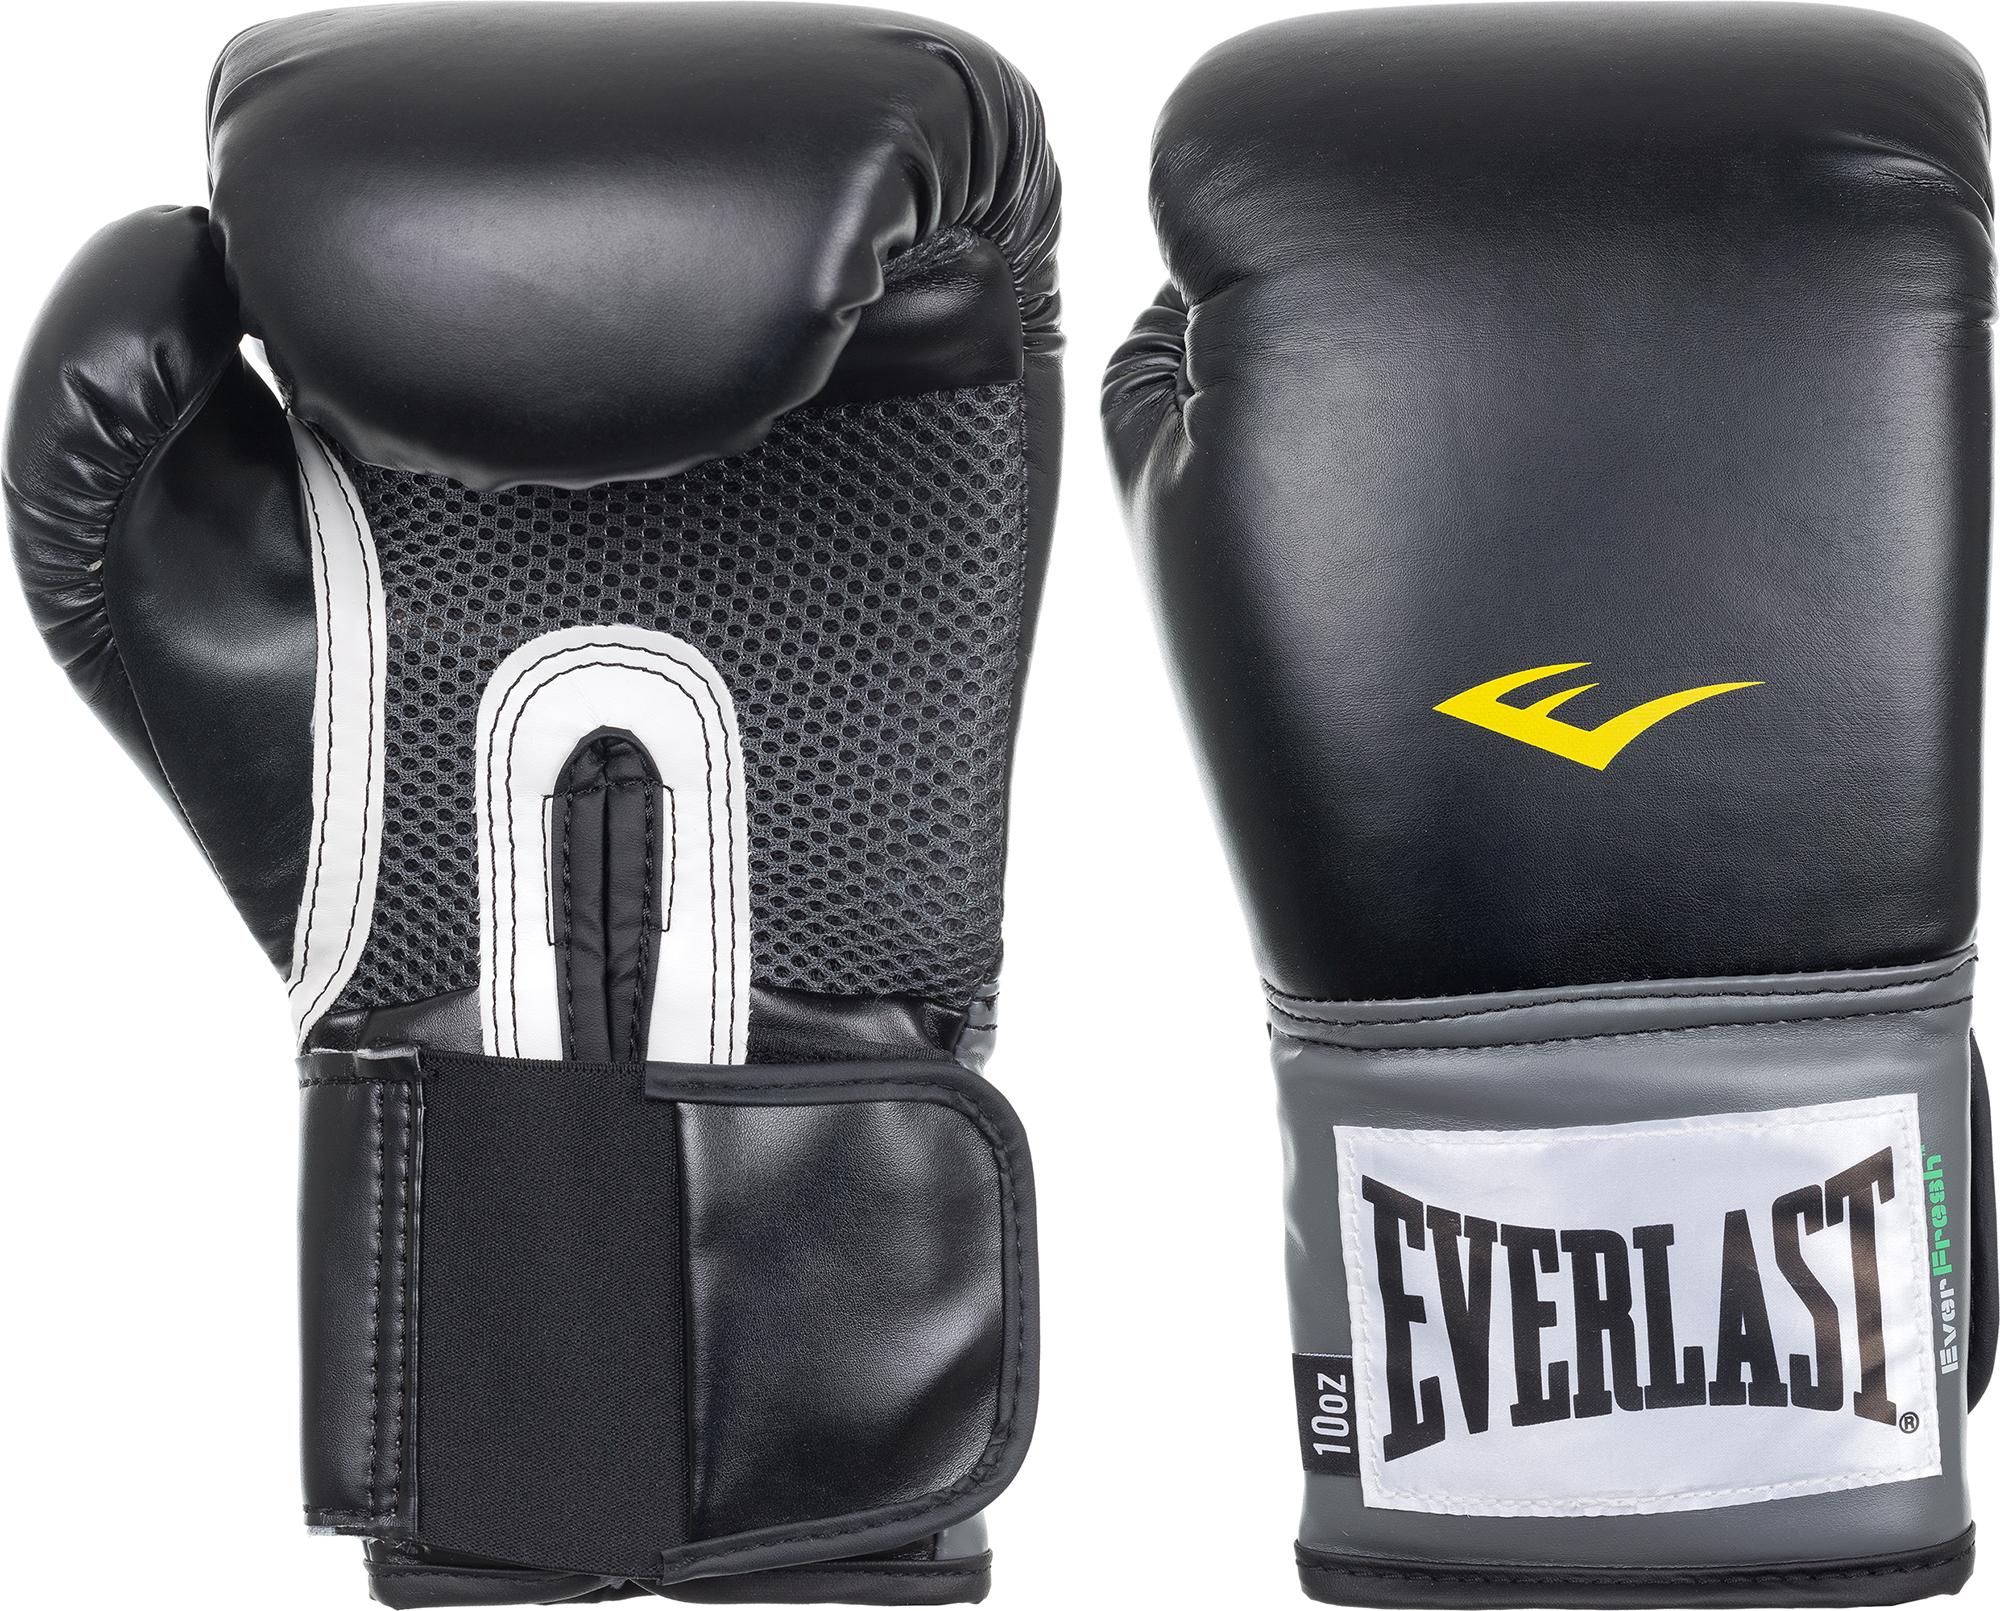 купить Everlast Перчатки тренировочные Everlast PU Pro Style недорого